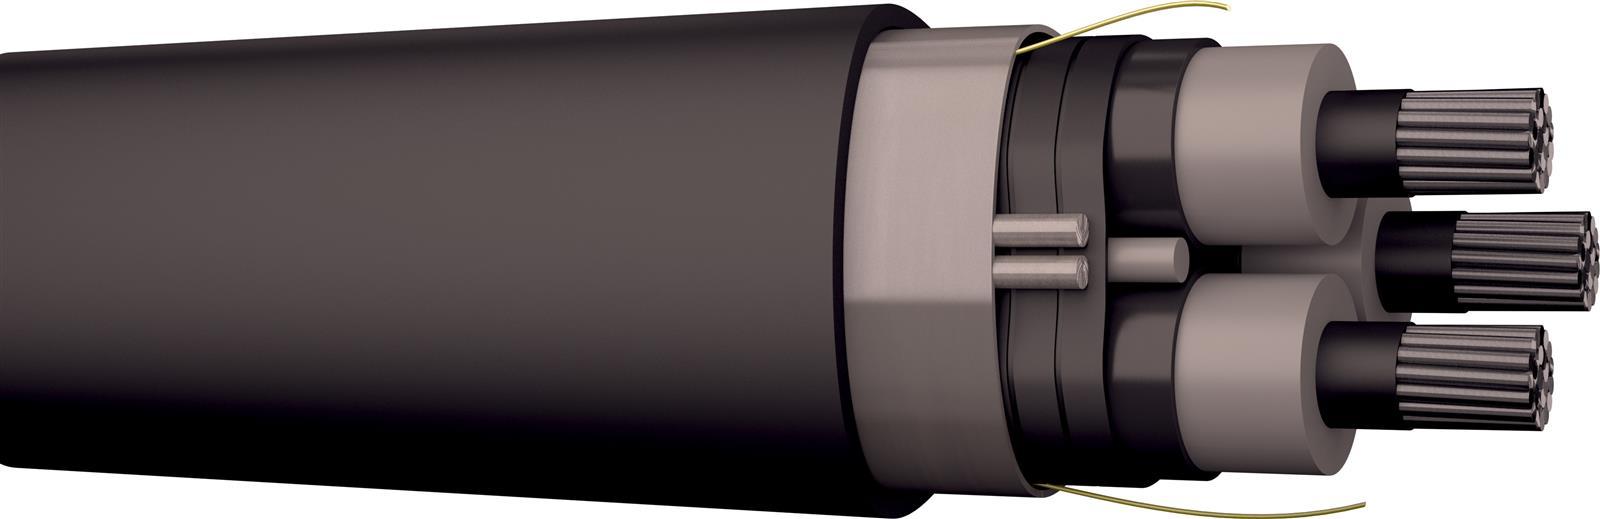 AXALJ-TT 3X50/25 AL 12KV